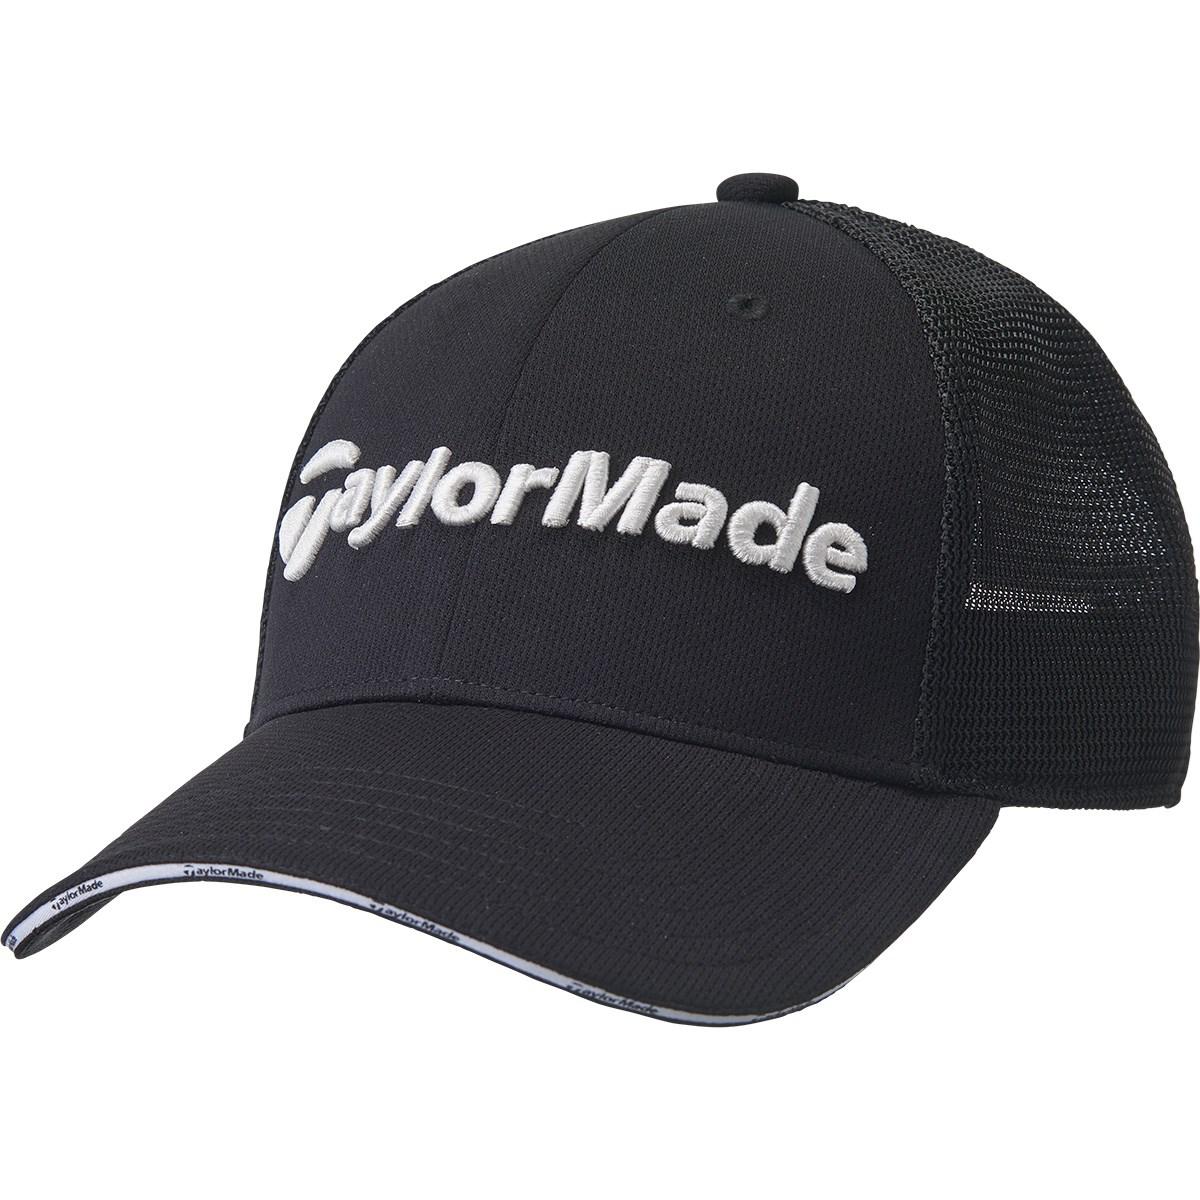 テーラーメイド Taylor Made メッシュキャップ フリー ブラック